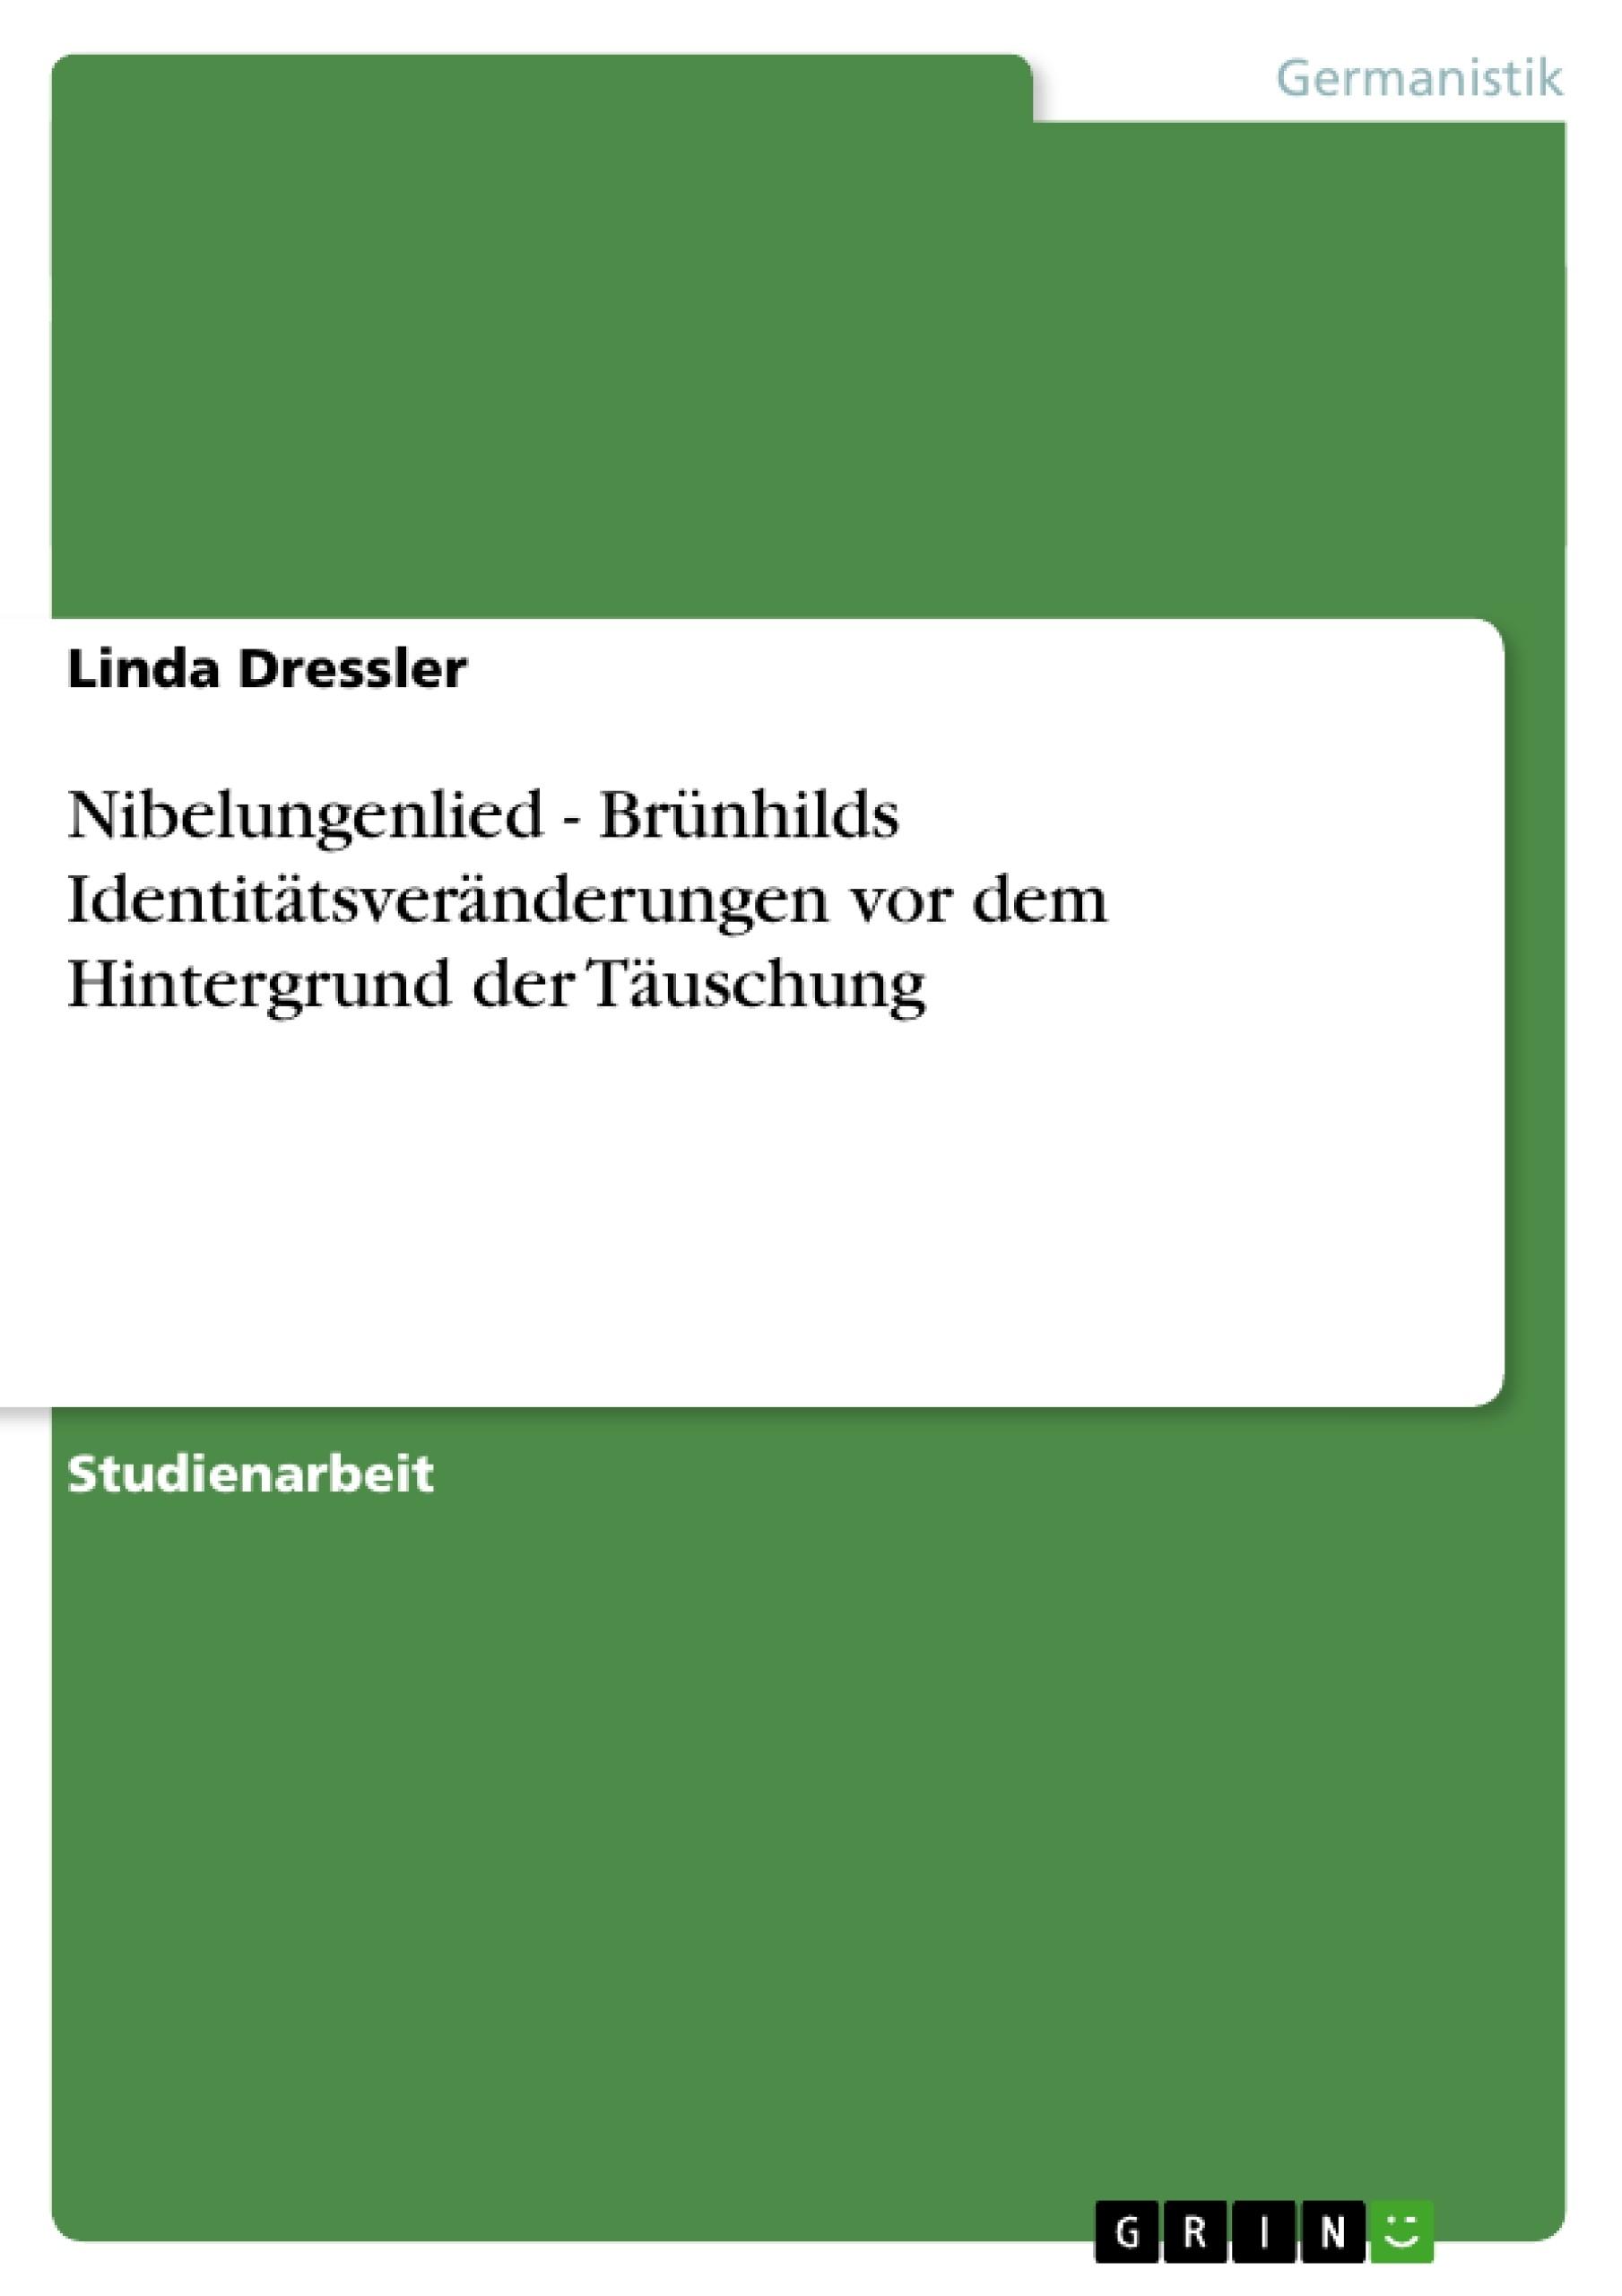 Titel: Nibelungenlied - Brünhilds Identitätsveränderungen vor dem Hintergrund der Täuschung